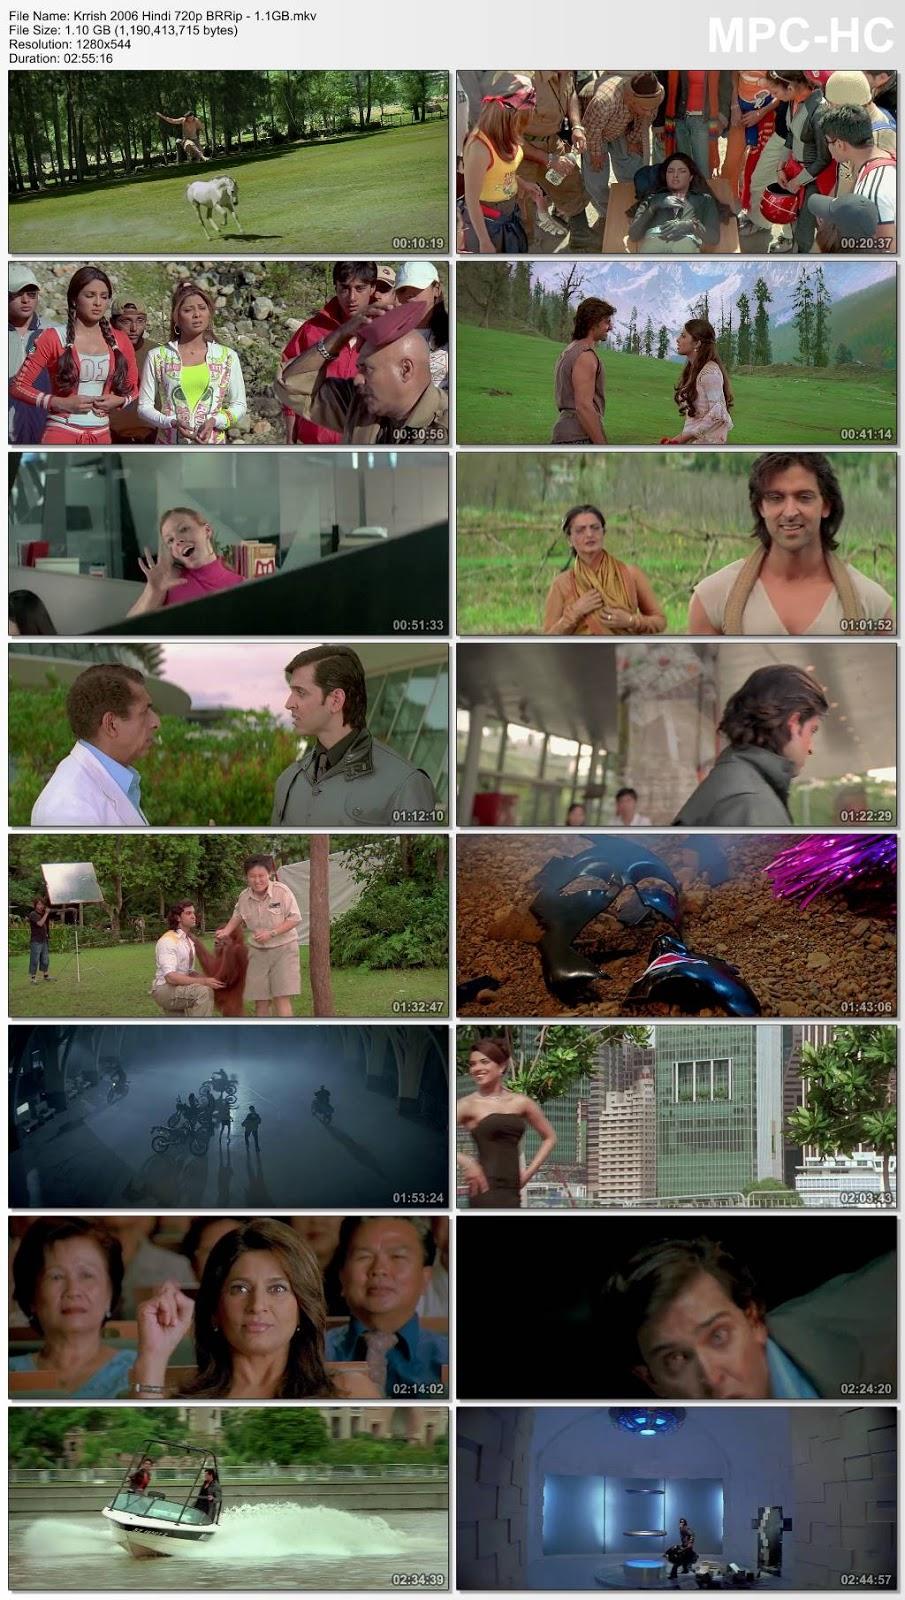 Krrish (2006) Hindi 720p BRRip – 1.1GB Desirehub